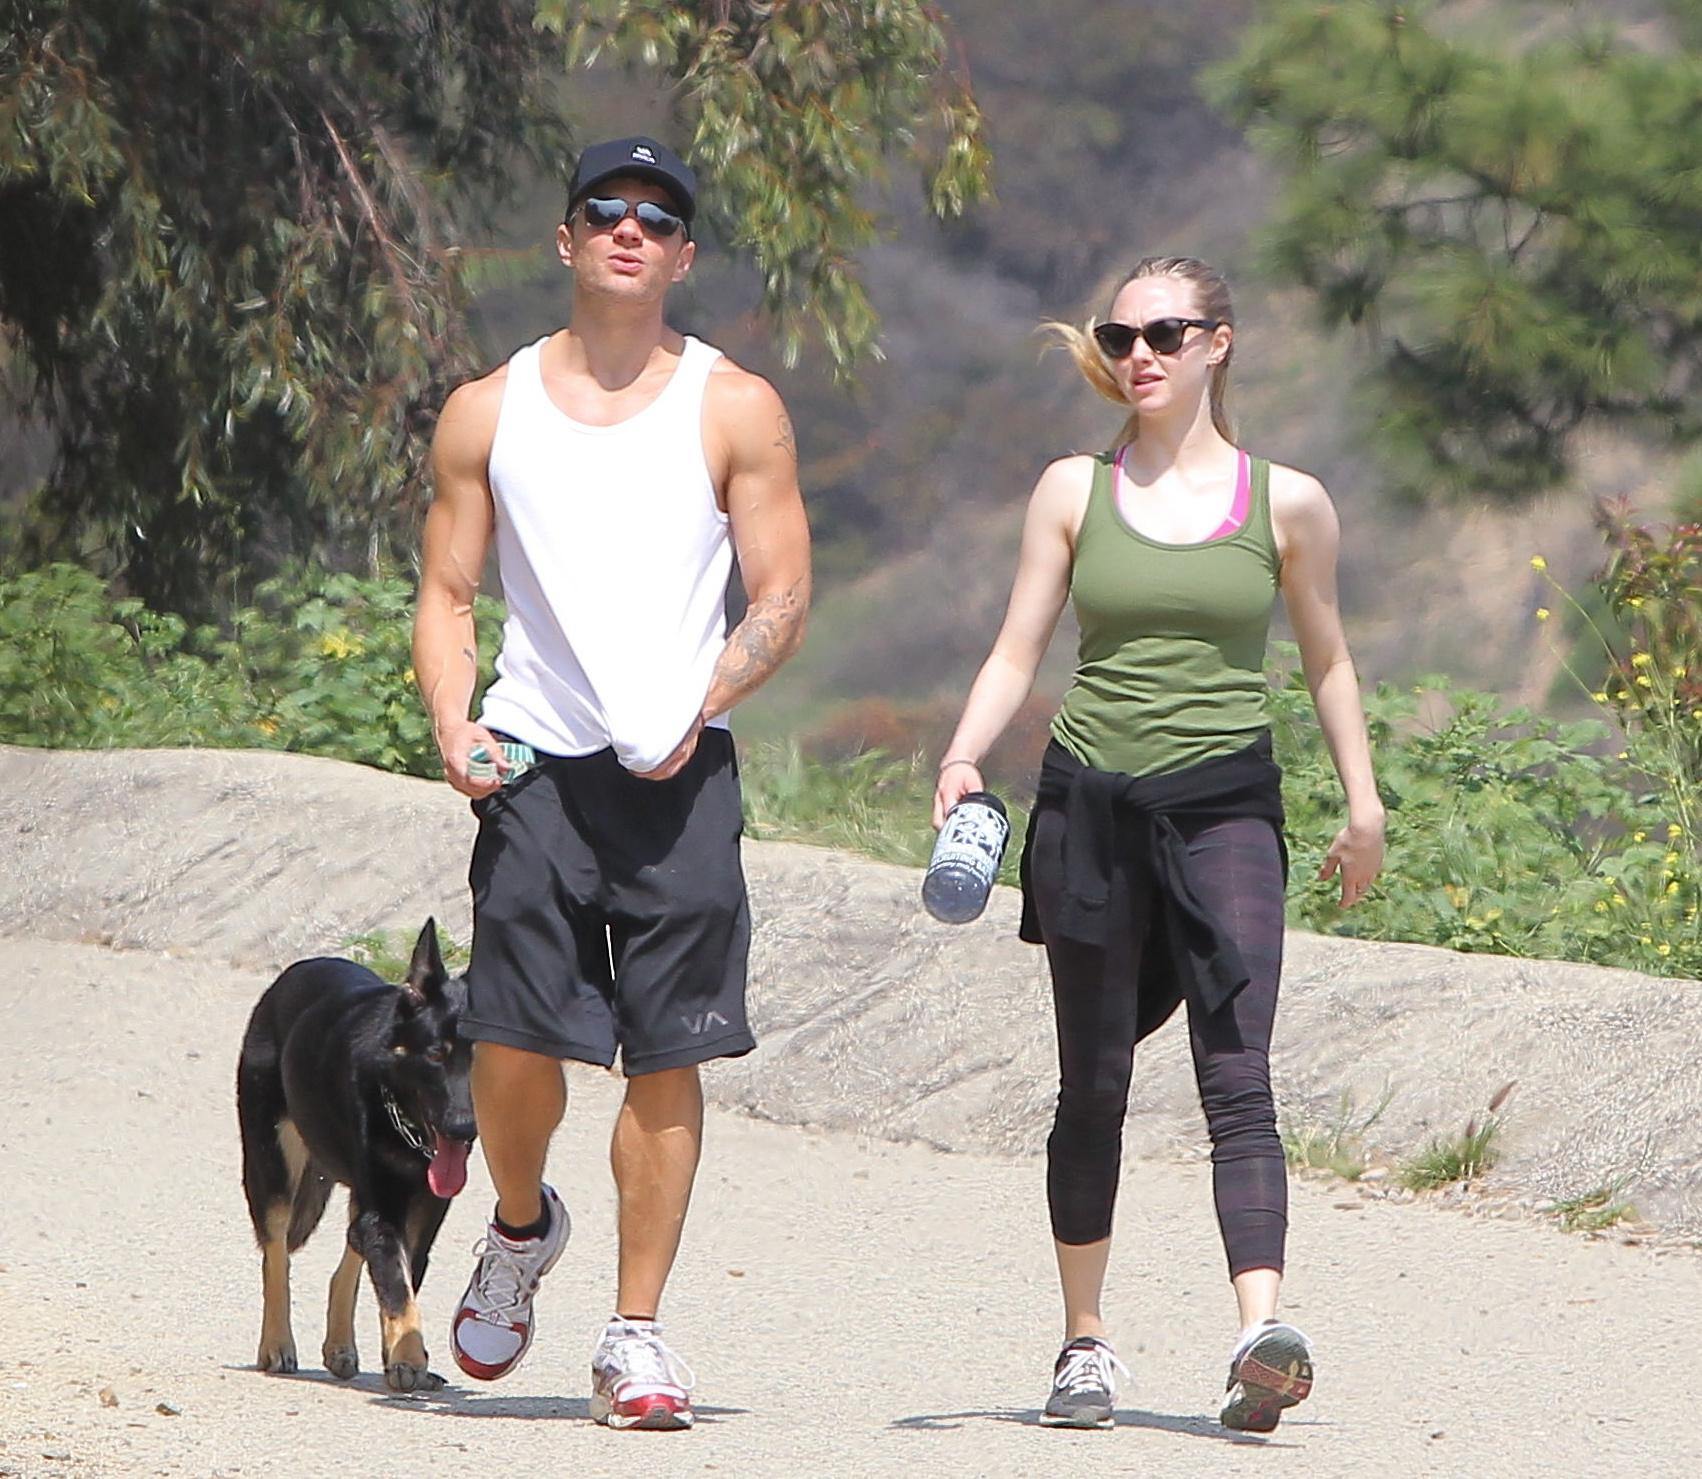 387949152_Amanda_Seyfriend_hiking_in_Hollywood_Hills7_122_463lo.jpg